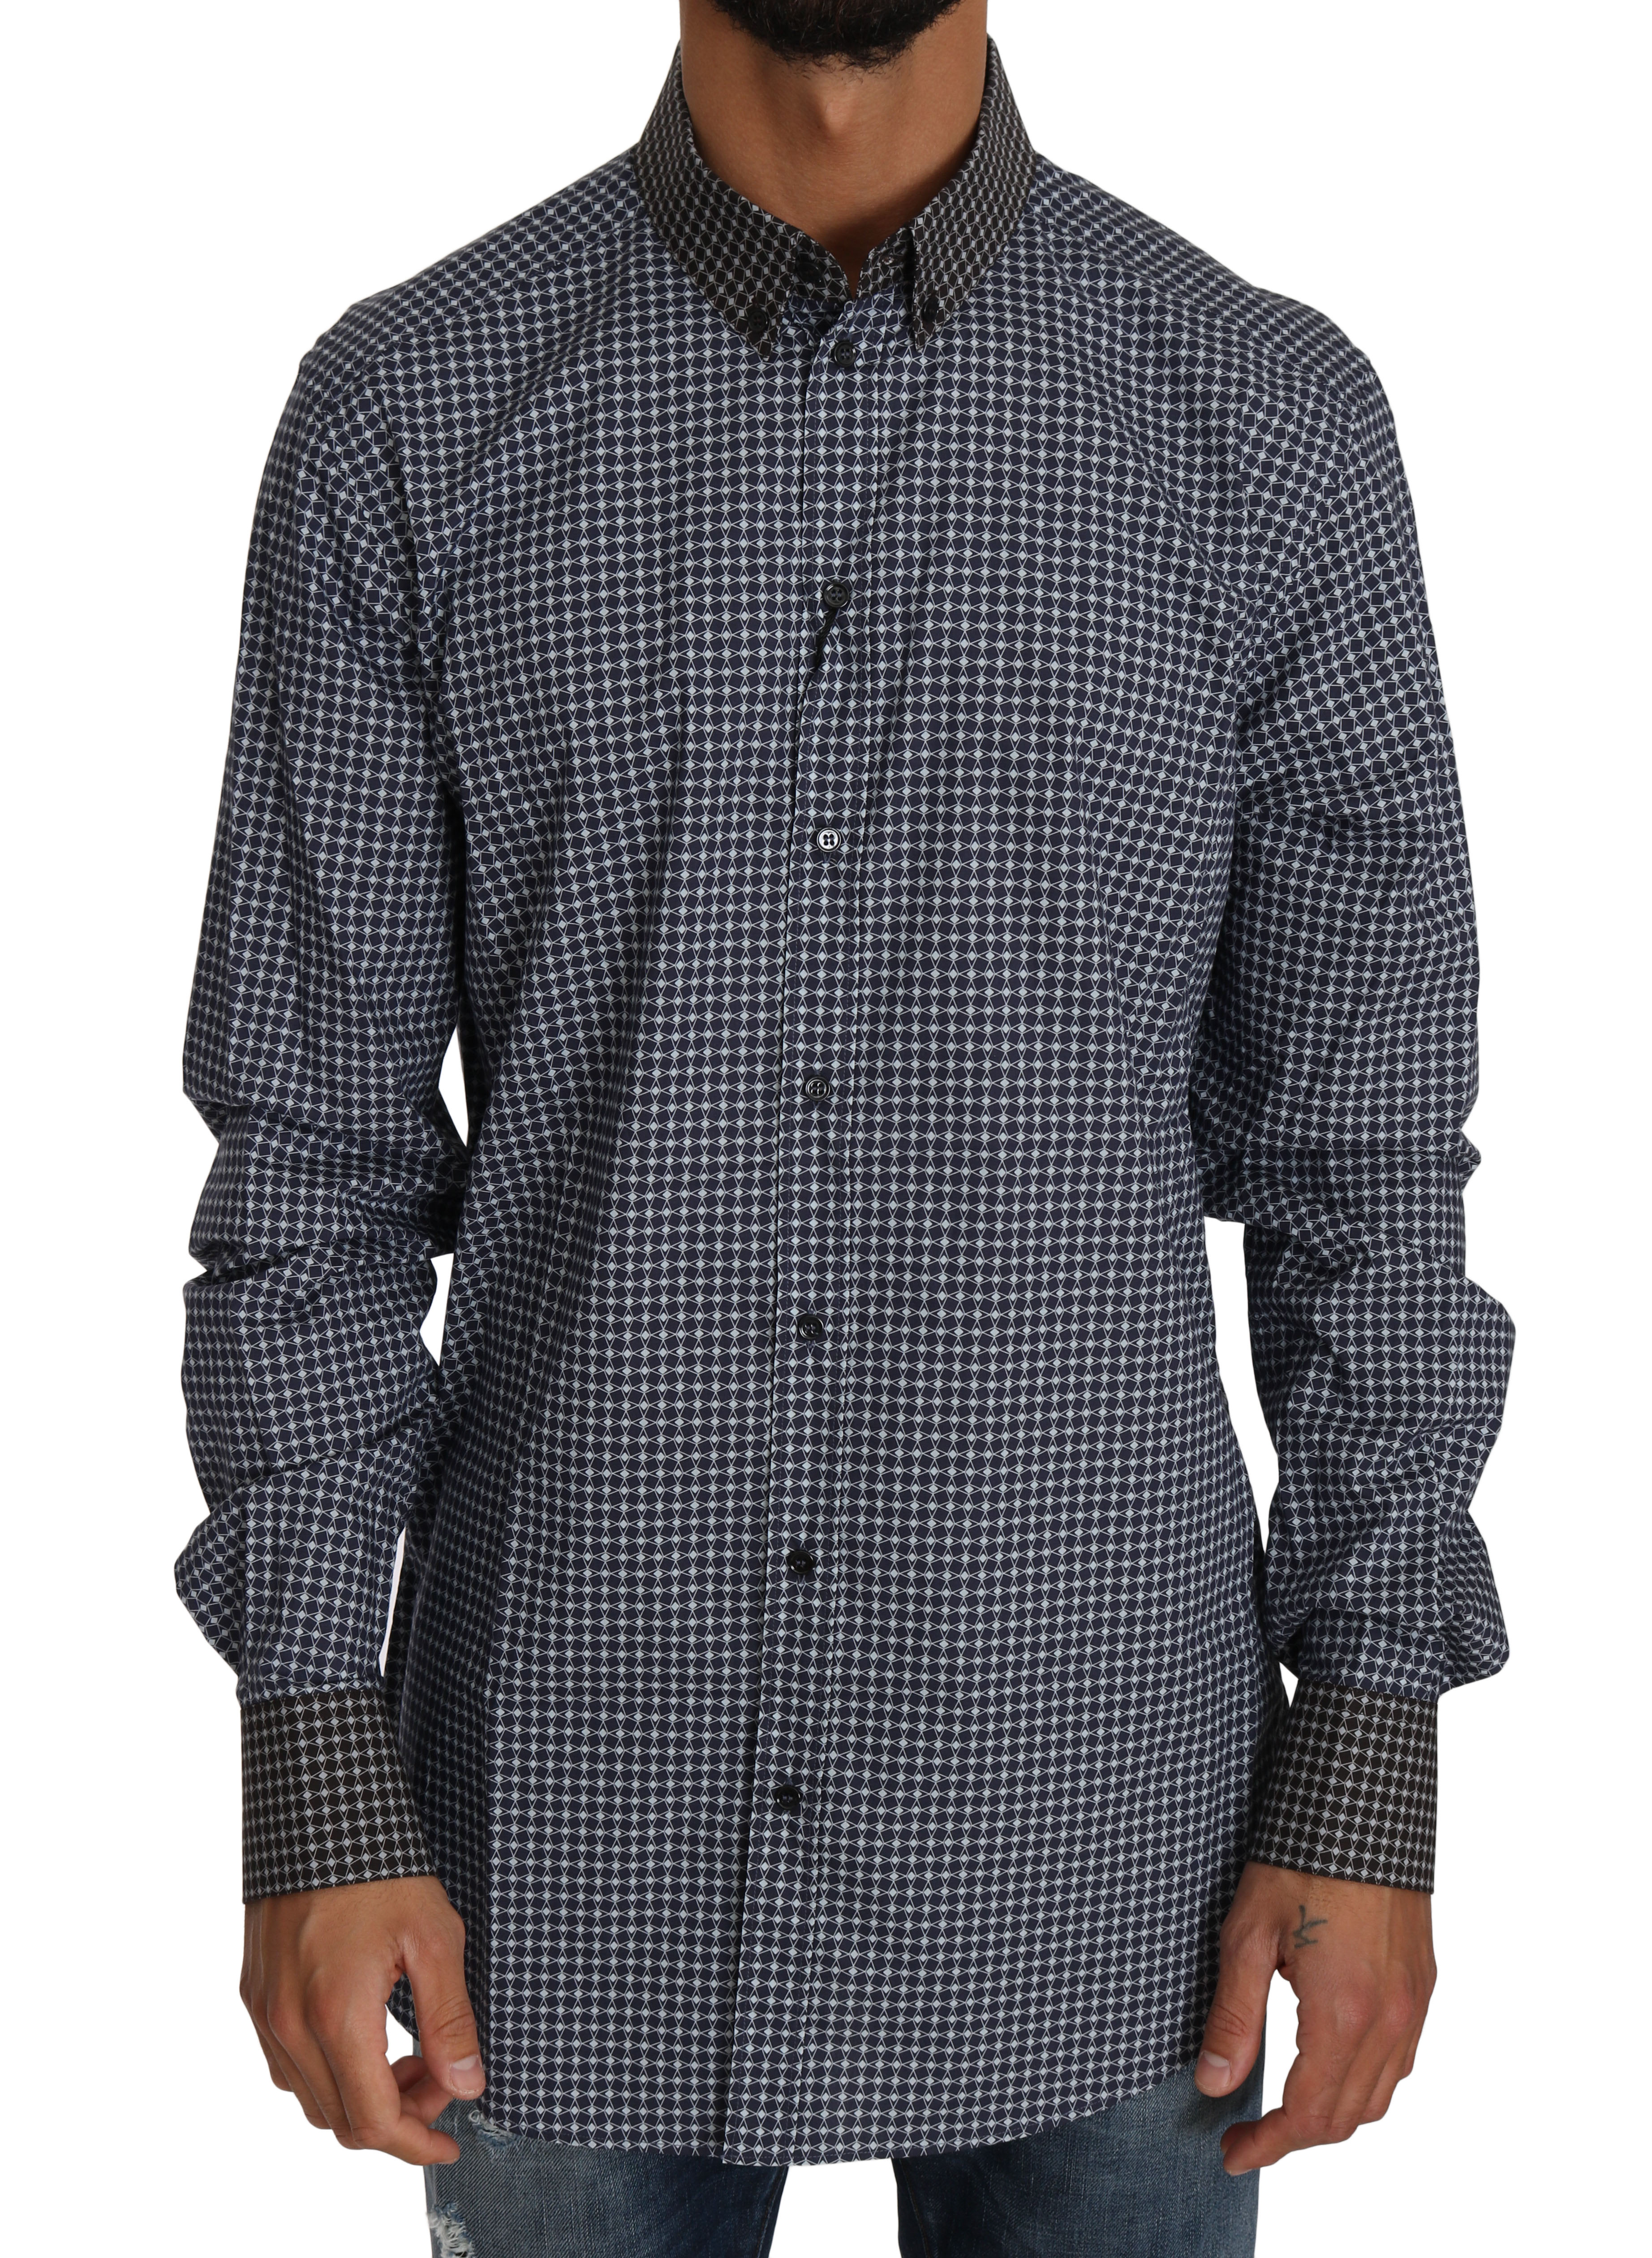 Dolce & Gabbana Men's GOLD Patterned Formal Shirt Blue TSH2580 - IT39 | S